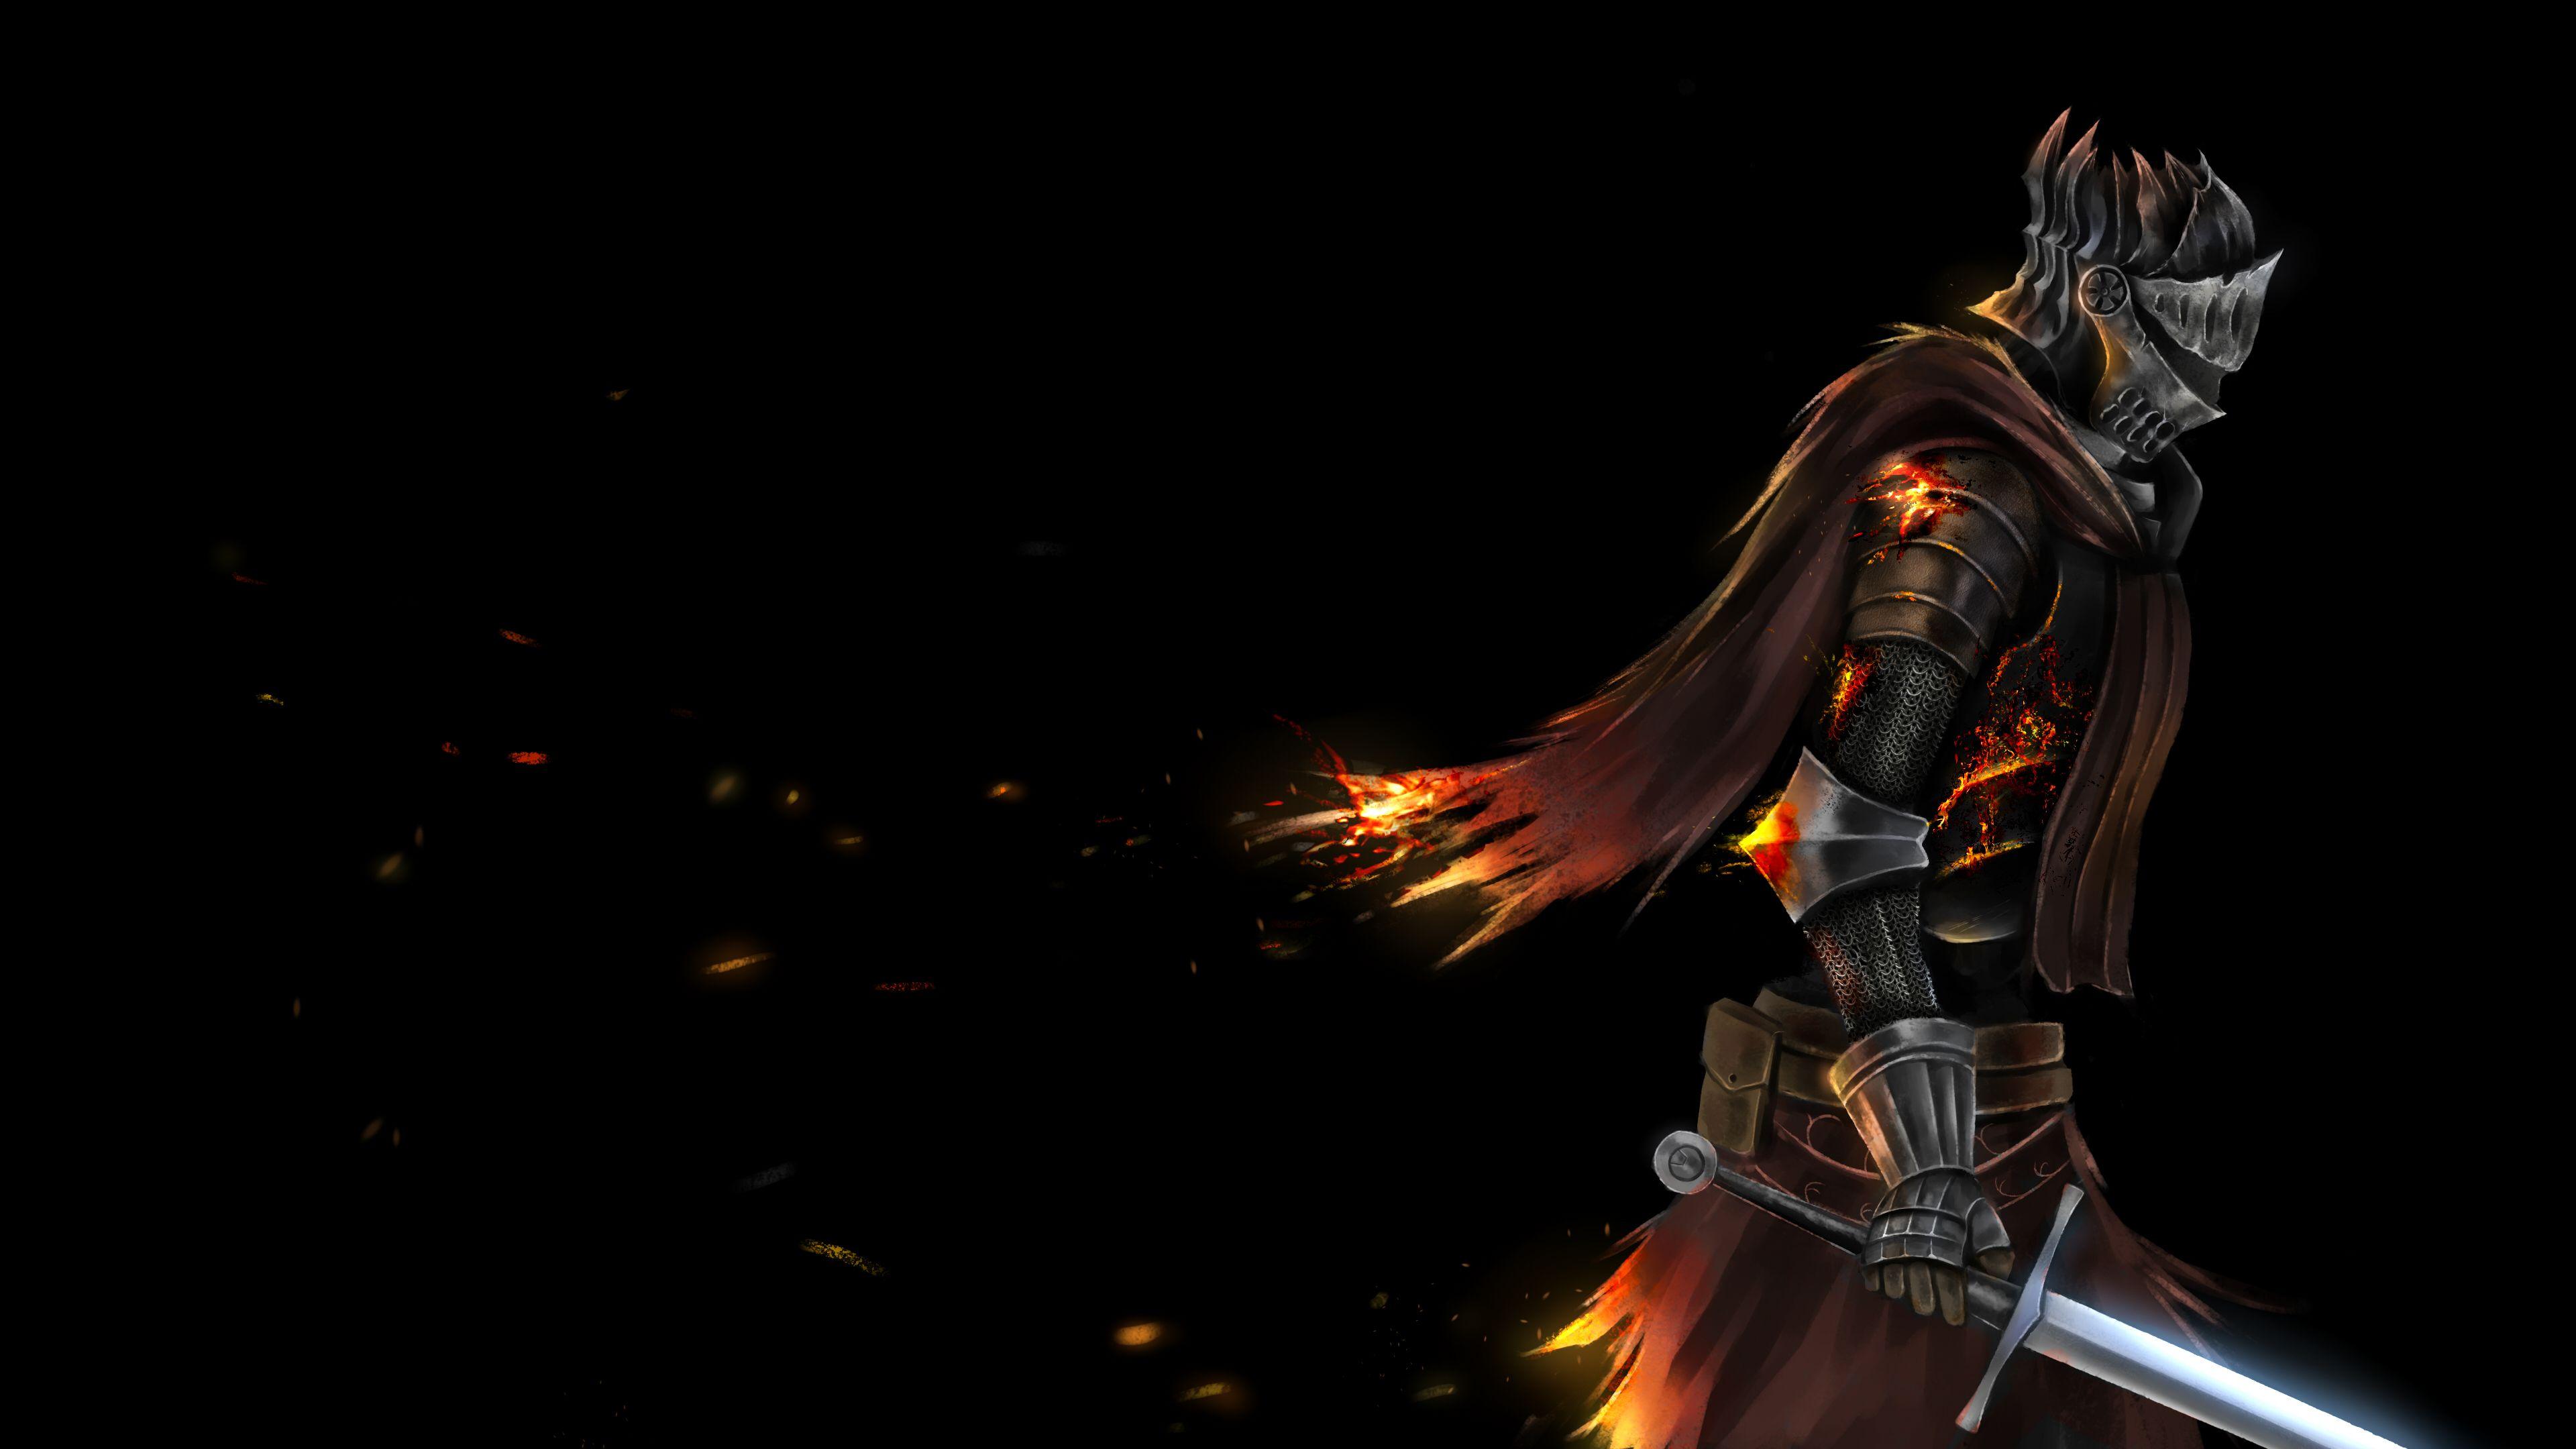 Dark Souls 3 Red Knight Dark Wallpaper Dark Souls